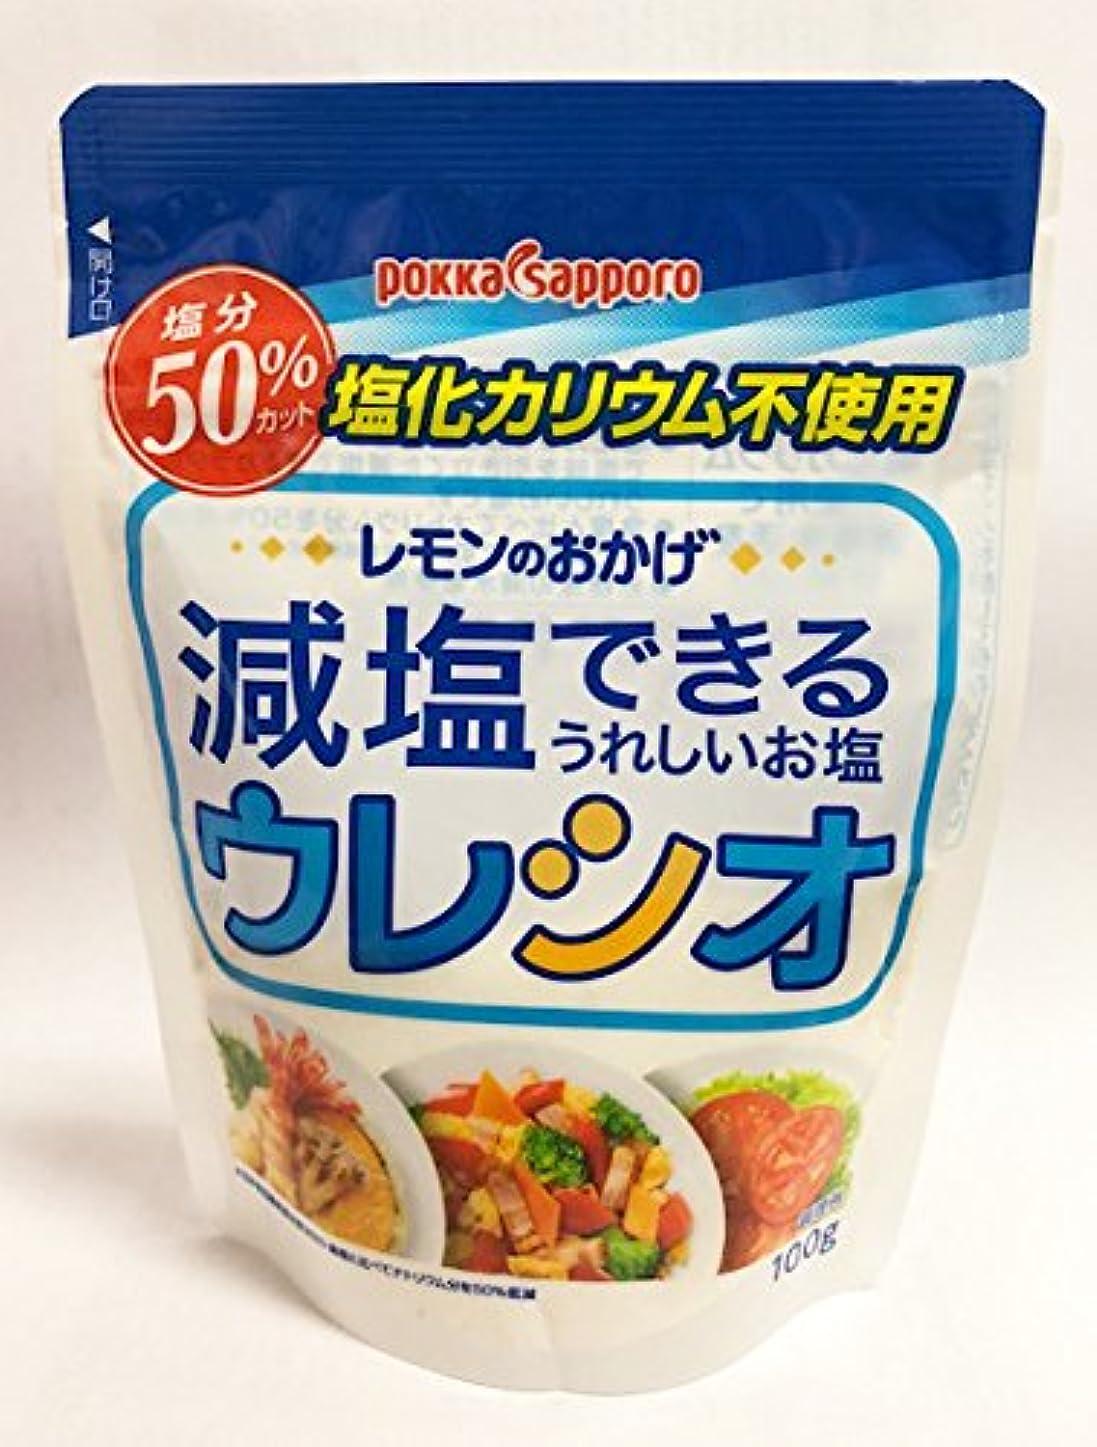 ルート十二韓国ポッカ レモンのおかげウレシオ 100g【5個セット】